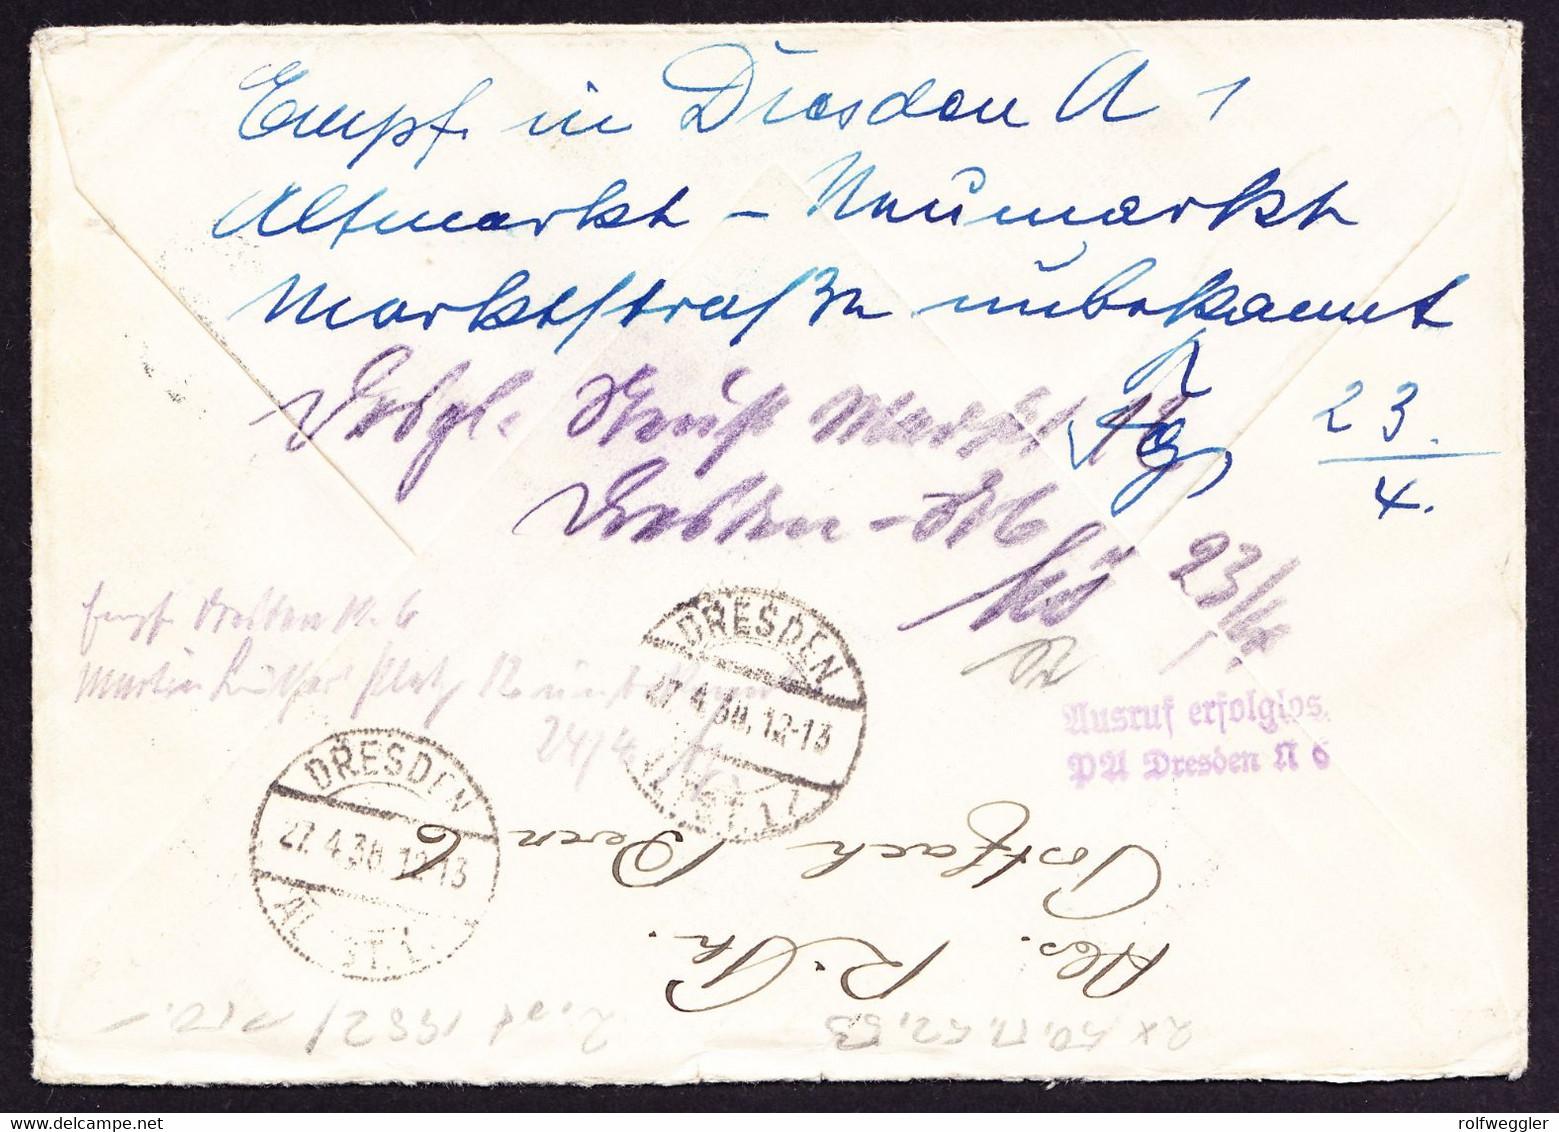 1938 Nachtaxierter Brief Aus Bern Mit Flugpostmarke Nach Dresden. Unbekannt Retour Mit Schweizer Portomarken Versehen - Postage Due